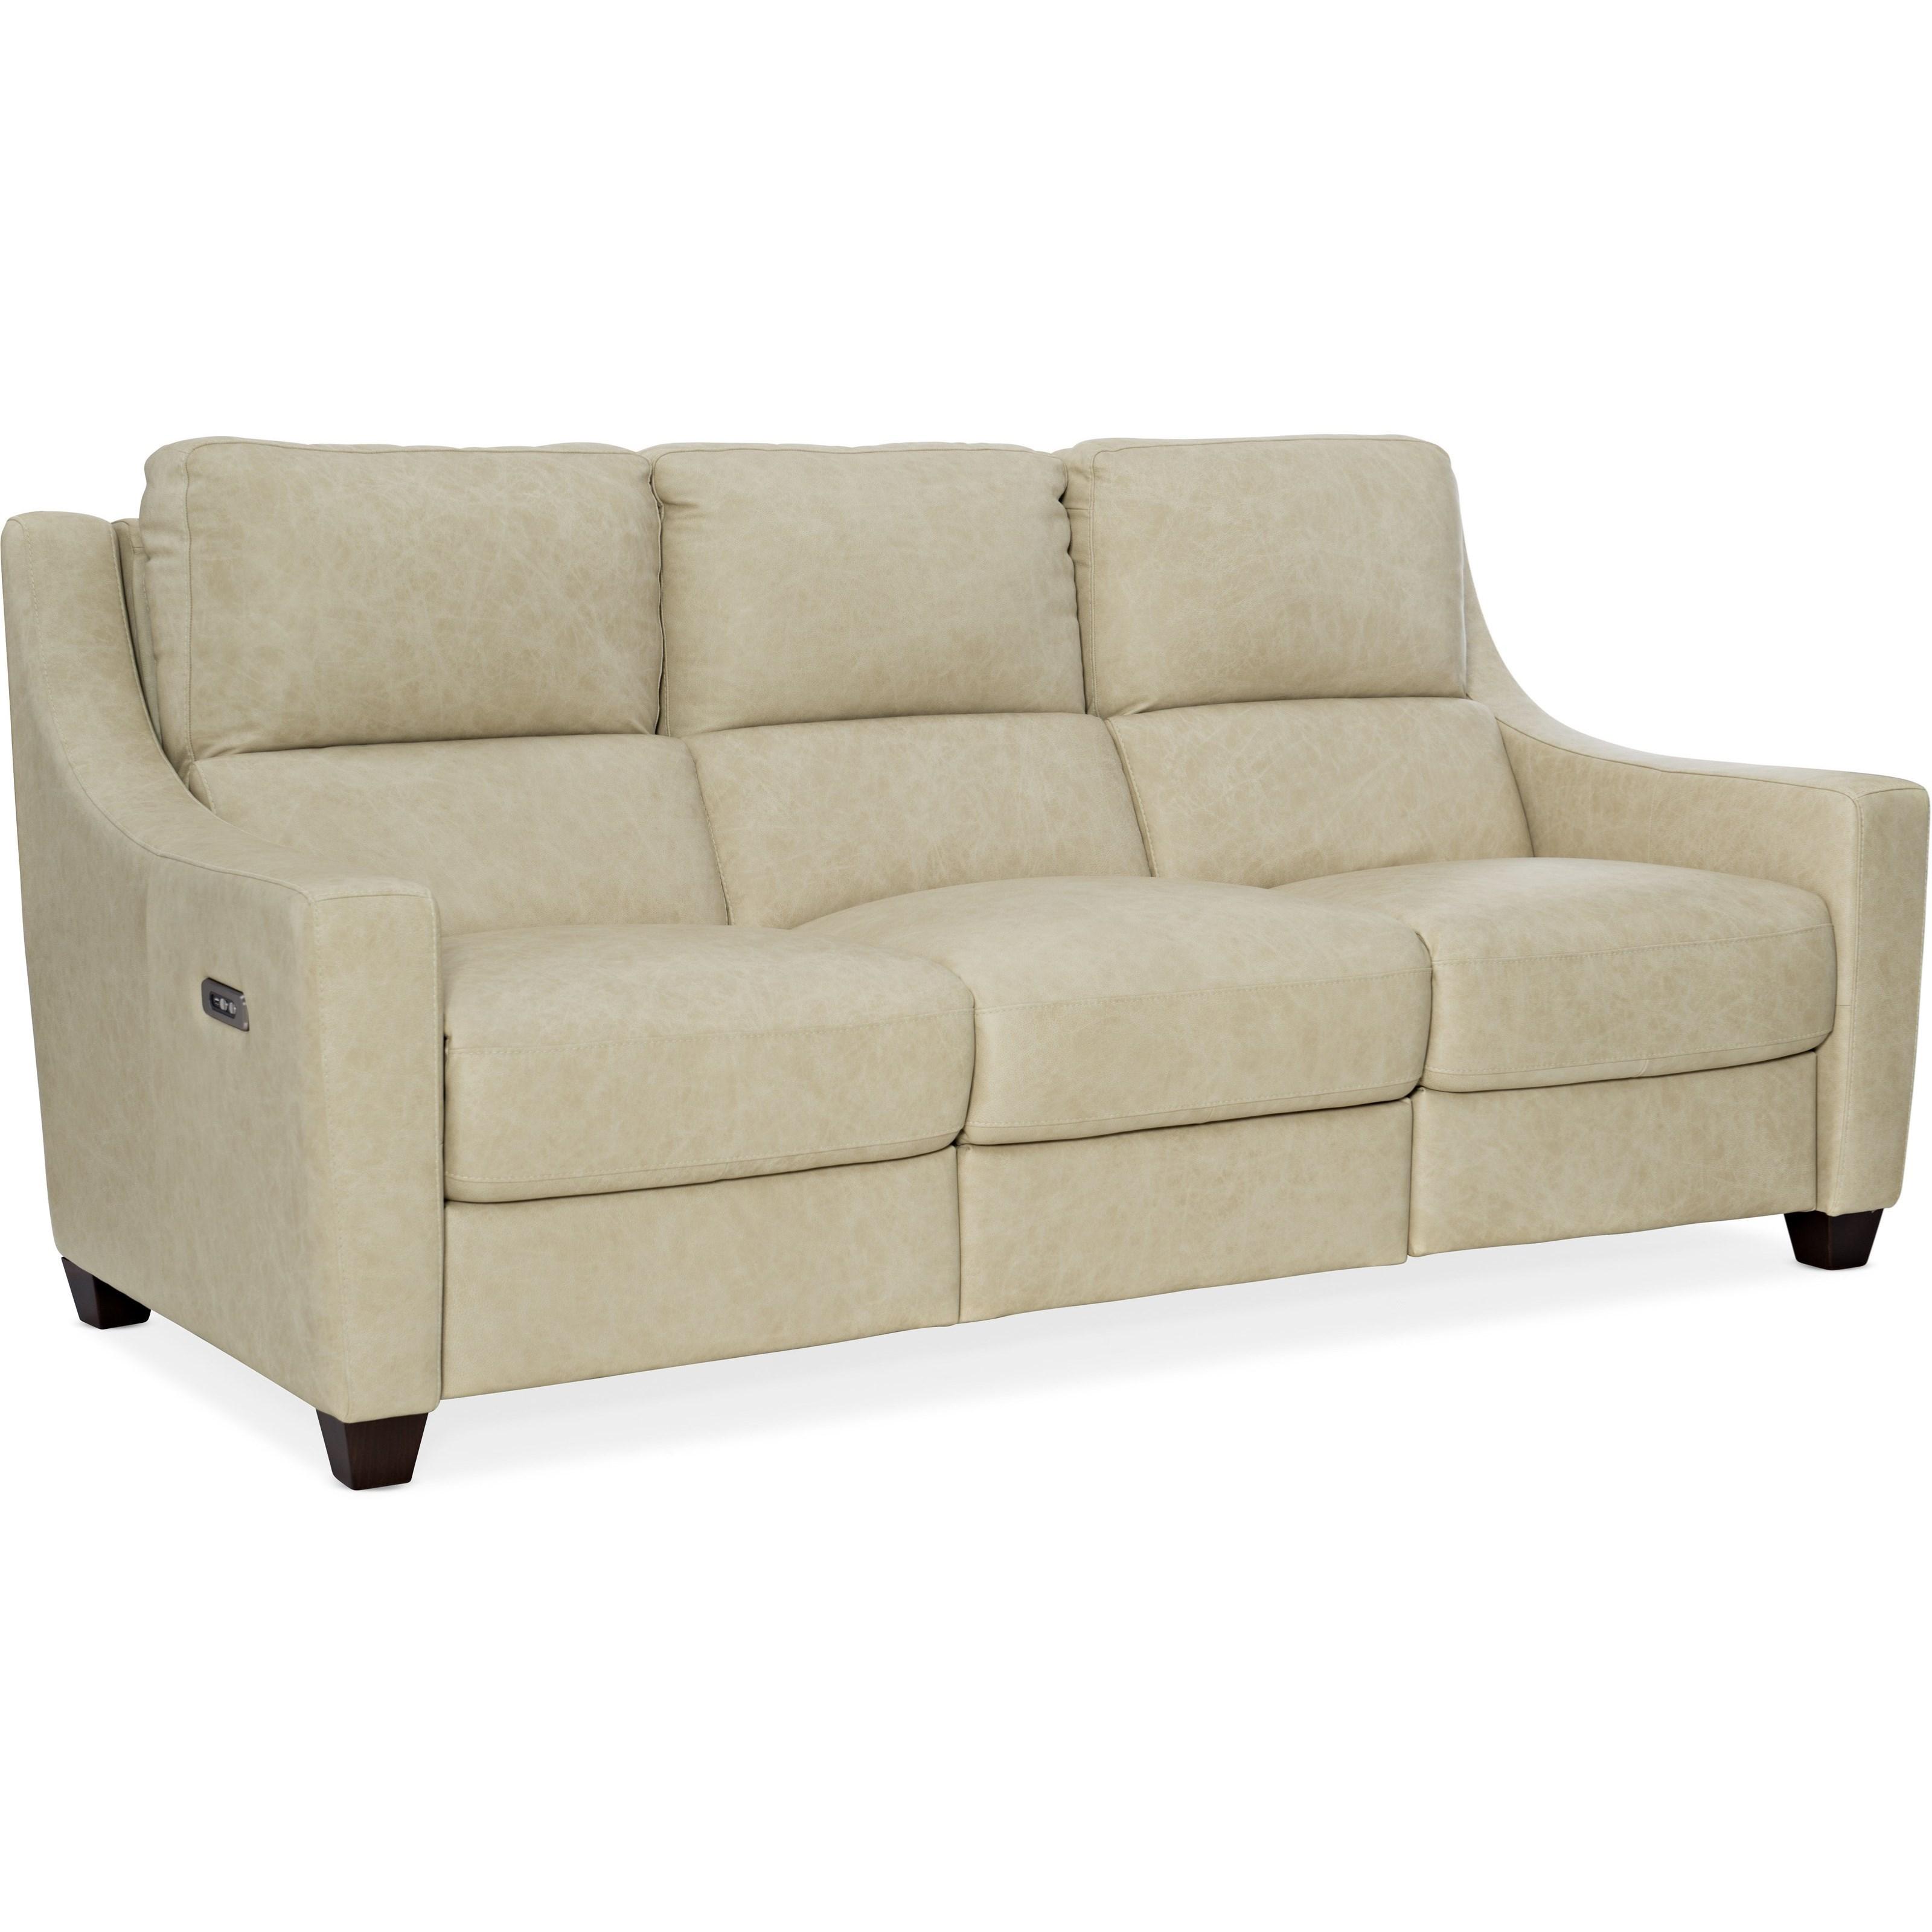 Leather Power Sofa w/ Power Headrest